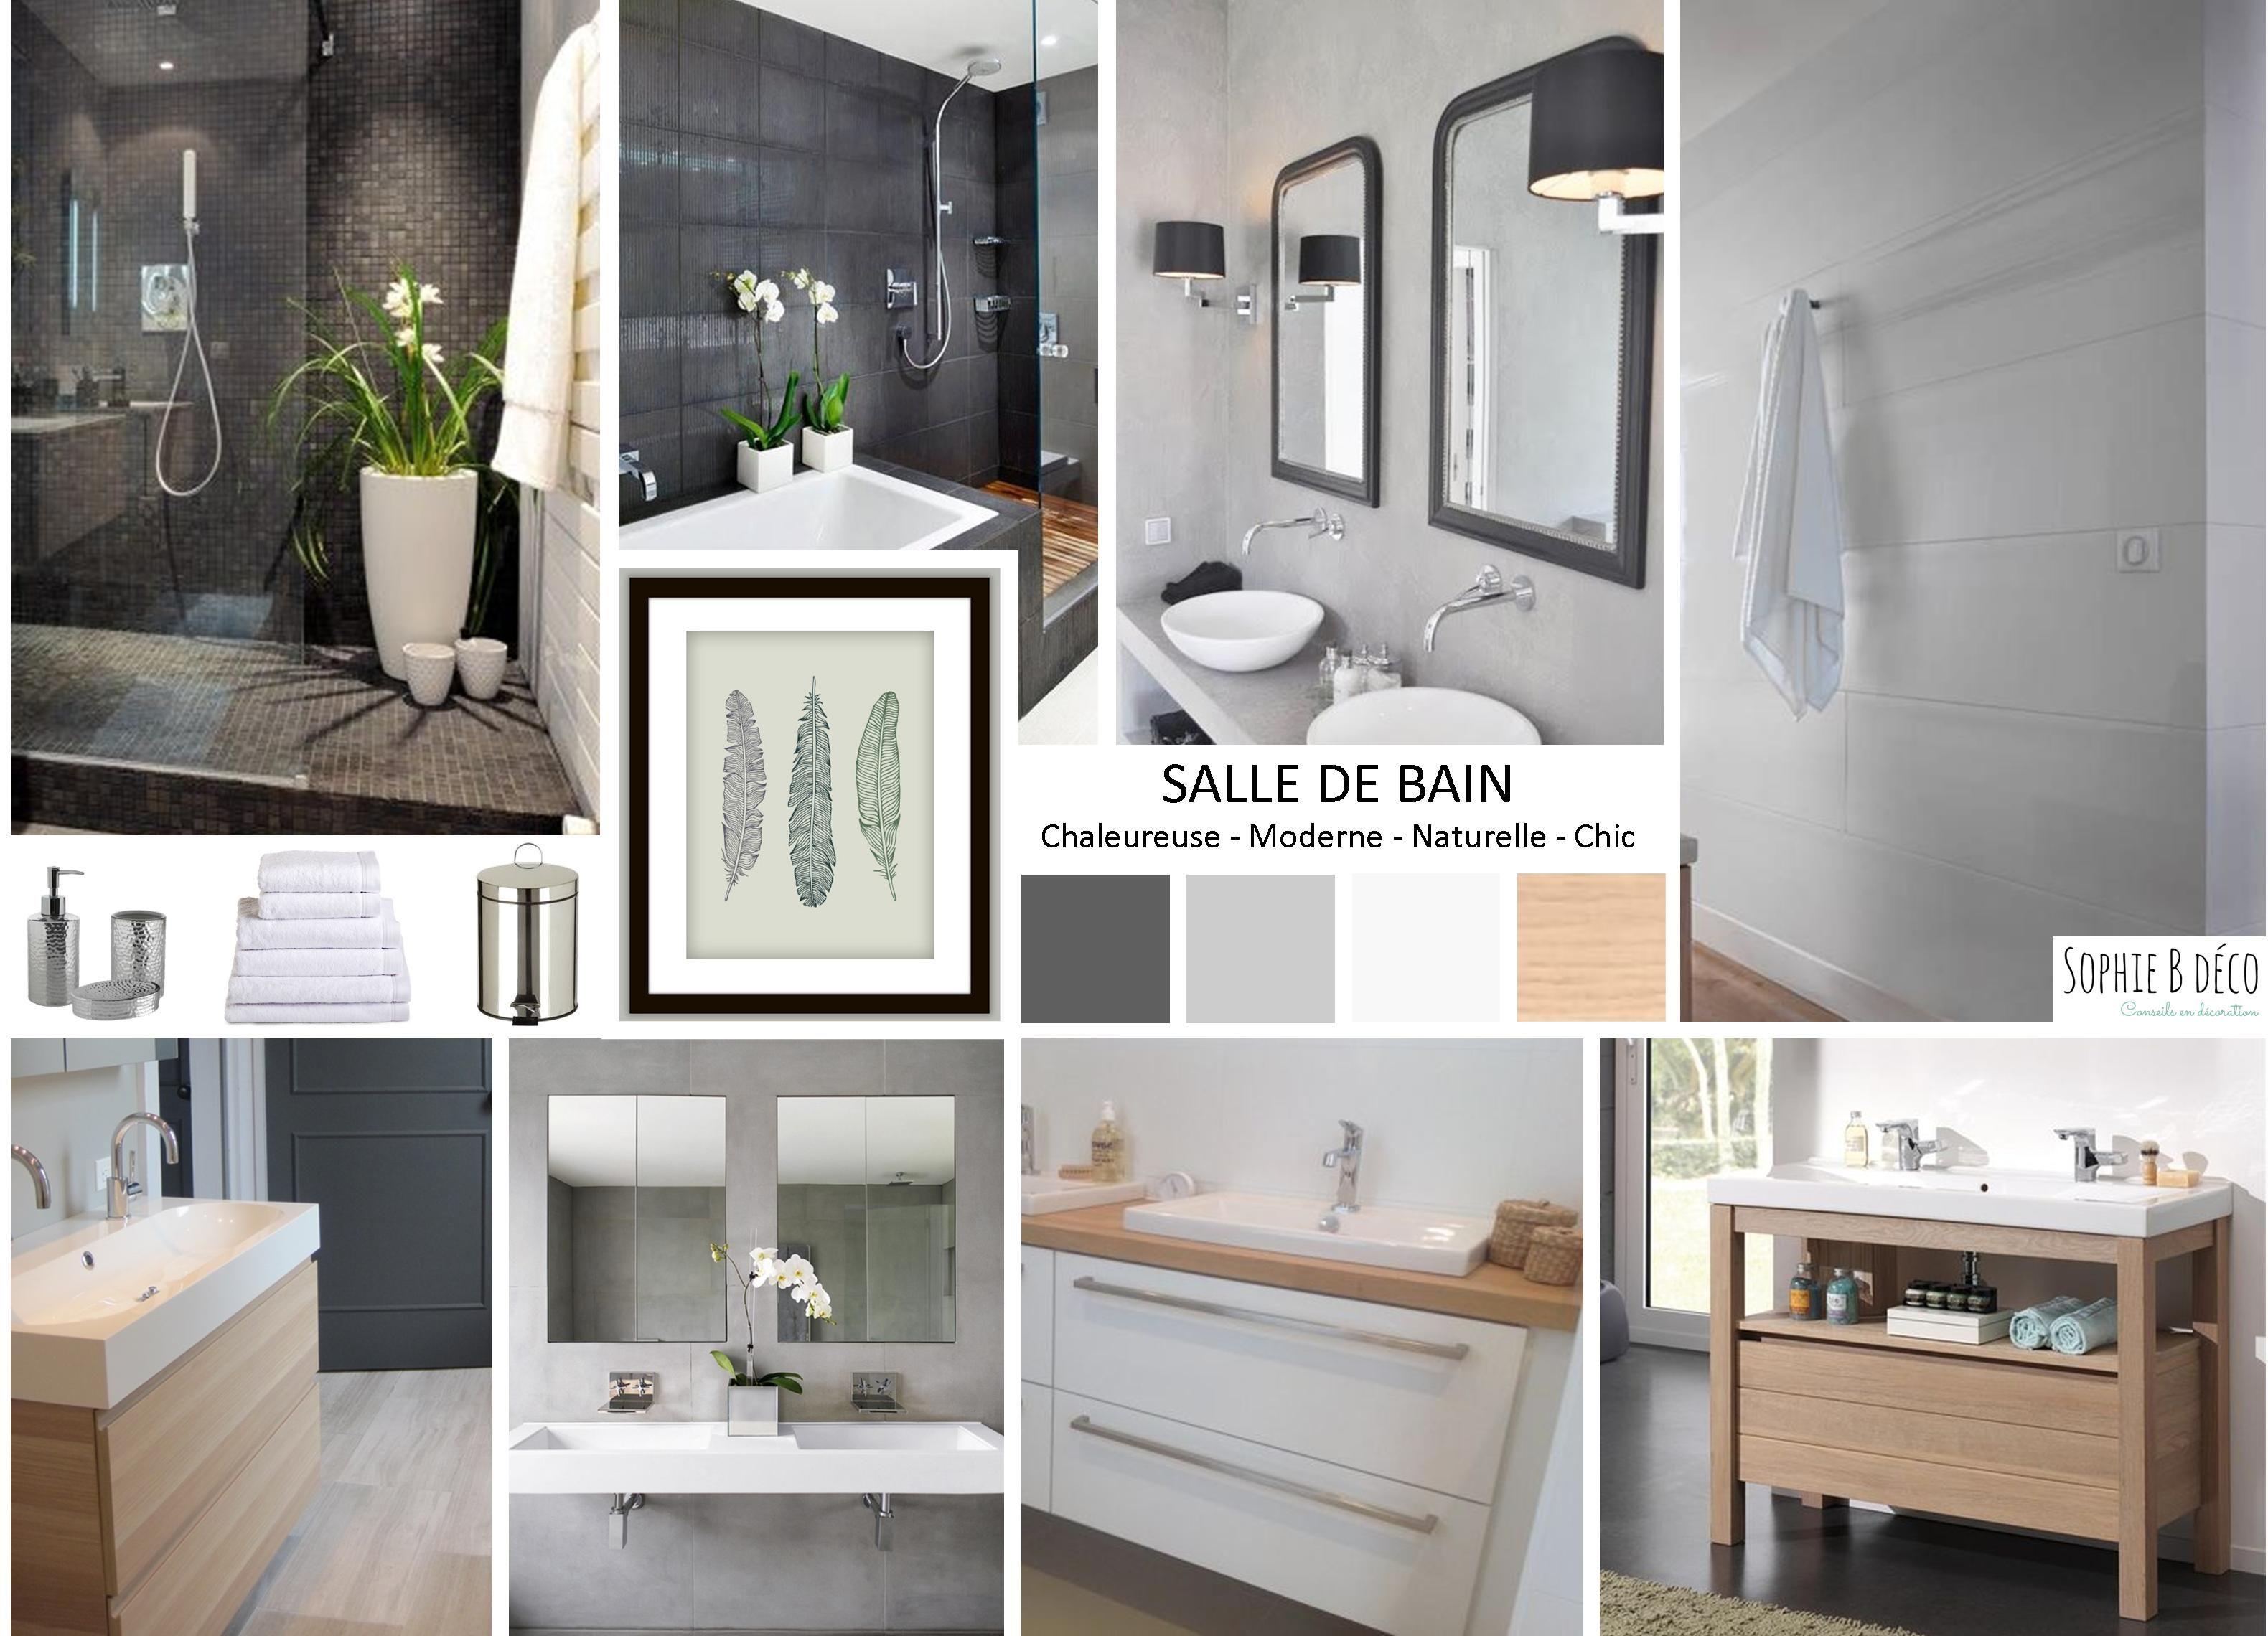 Planche tendance. Salle de bain en gris, blanc et bois Sophie B ...